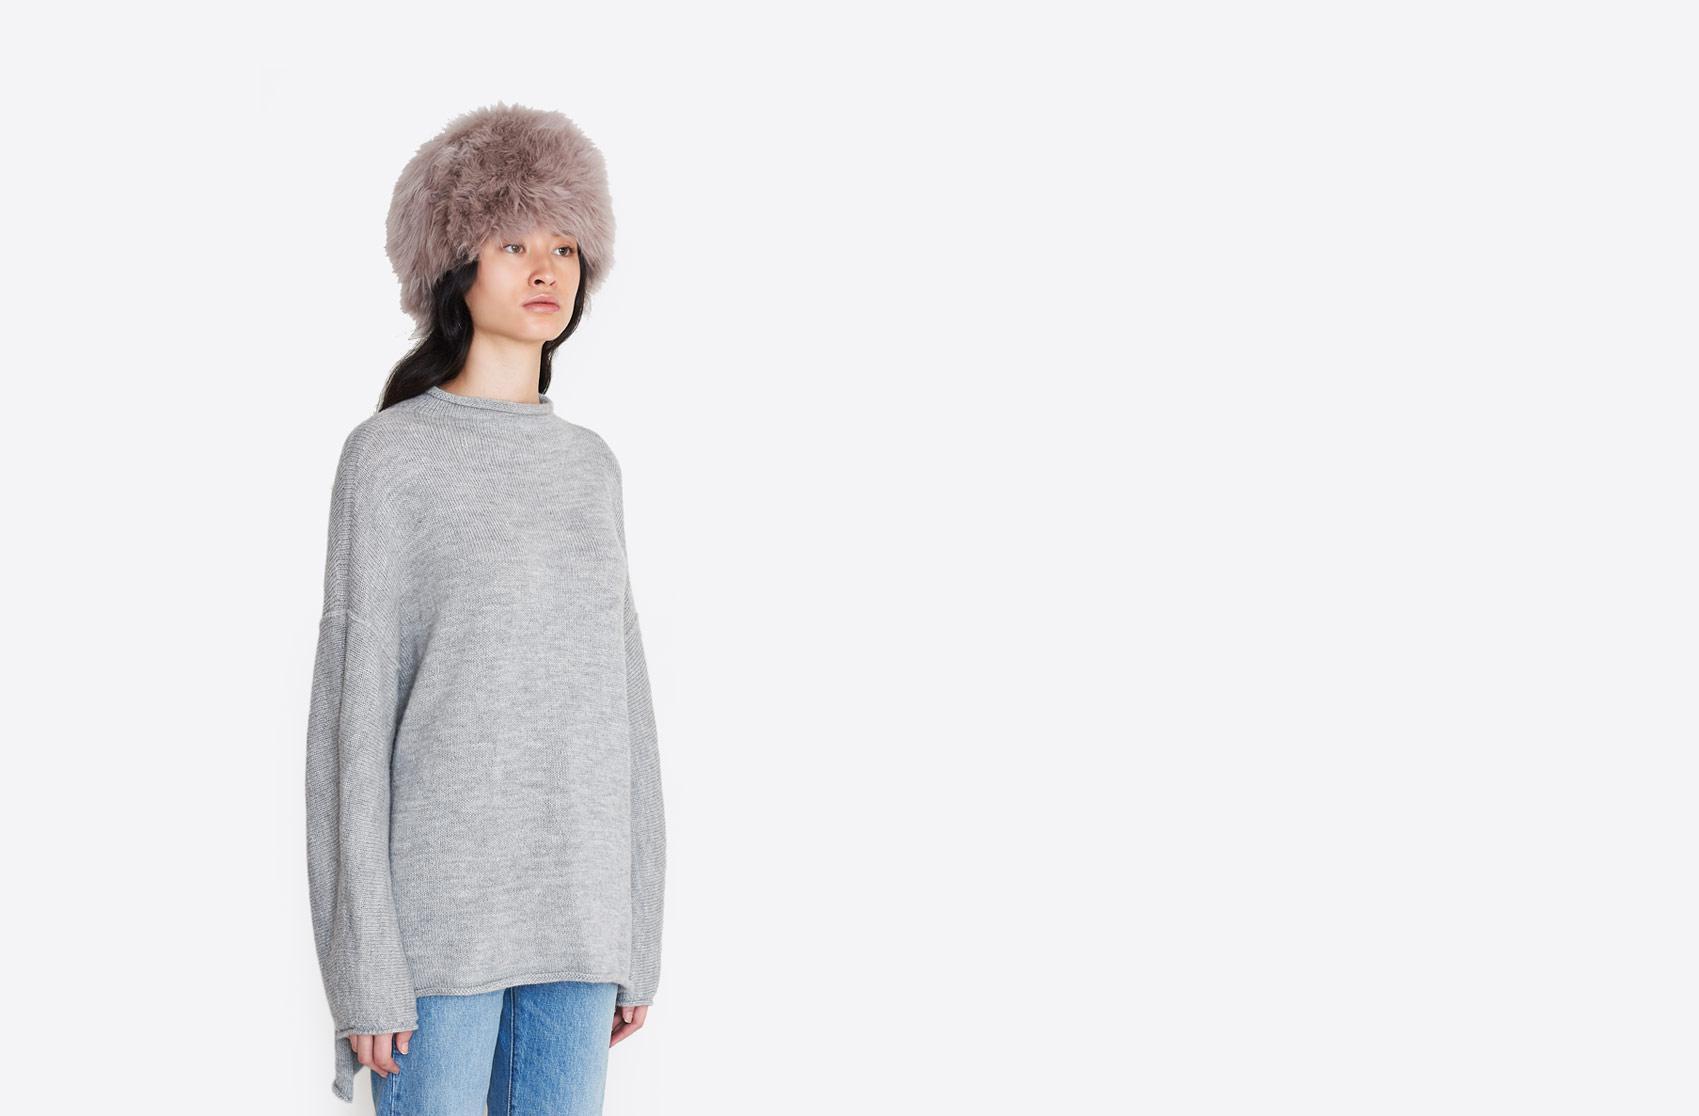 b4a71b866a9 Lyst - No. 6 Baby Alpaca Fur Hat in White